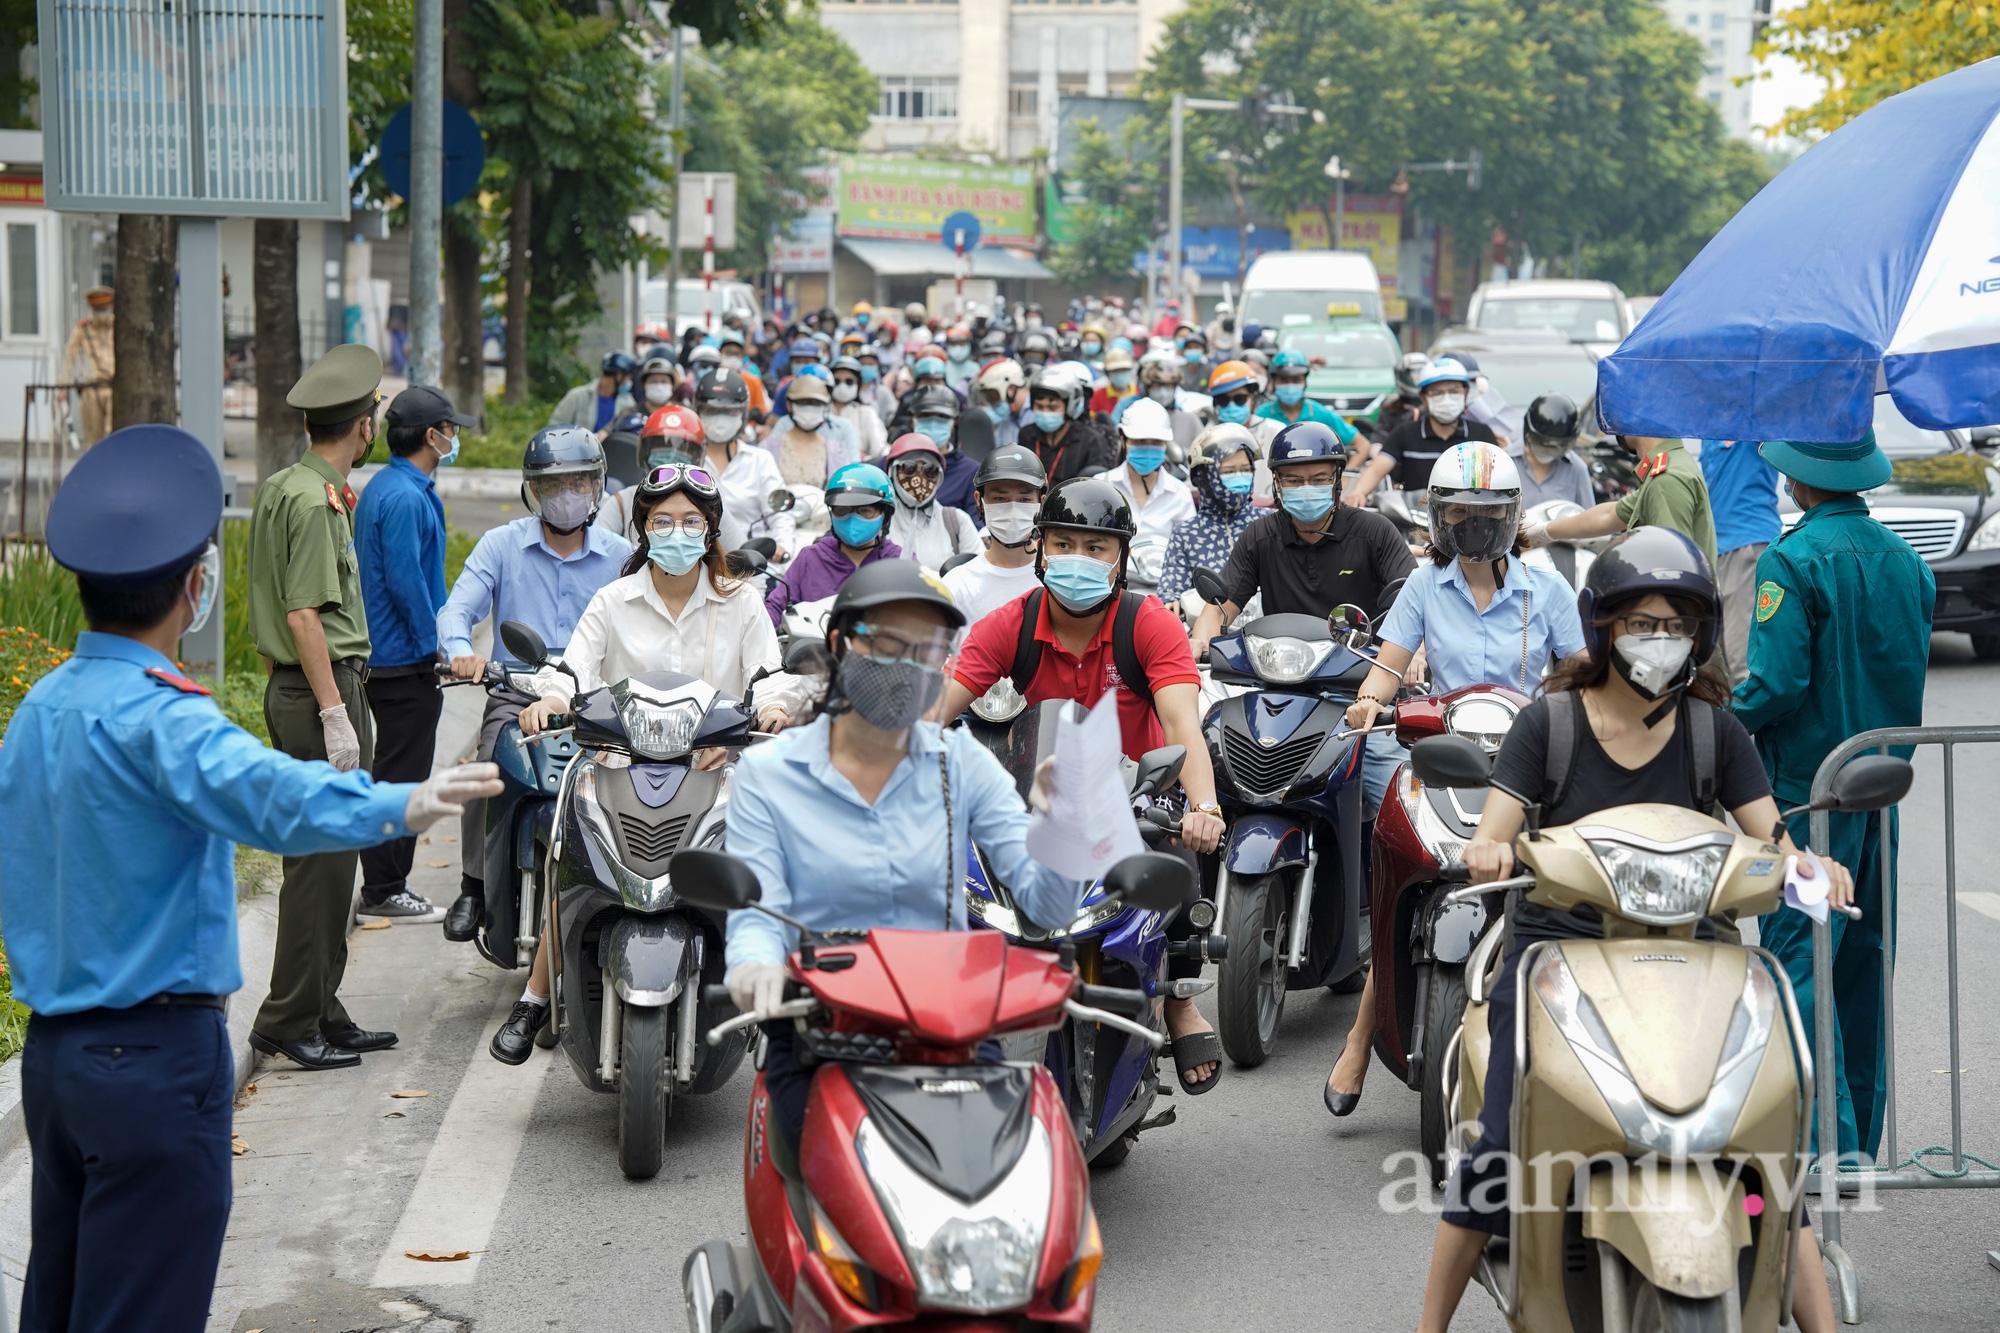 Hà Nội: Ùn ứ tại chốt kiểm soát trong ngày đầu siết chặt việc cấp và sử dụng Giấy đi đường